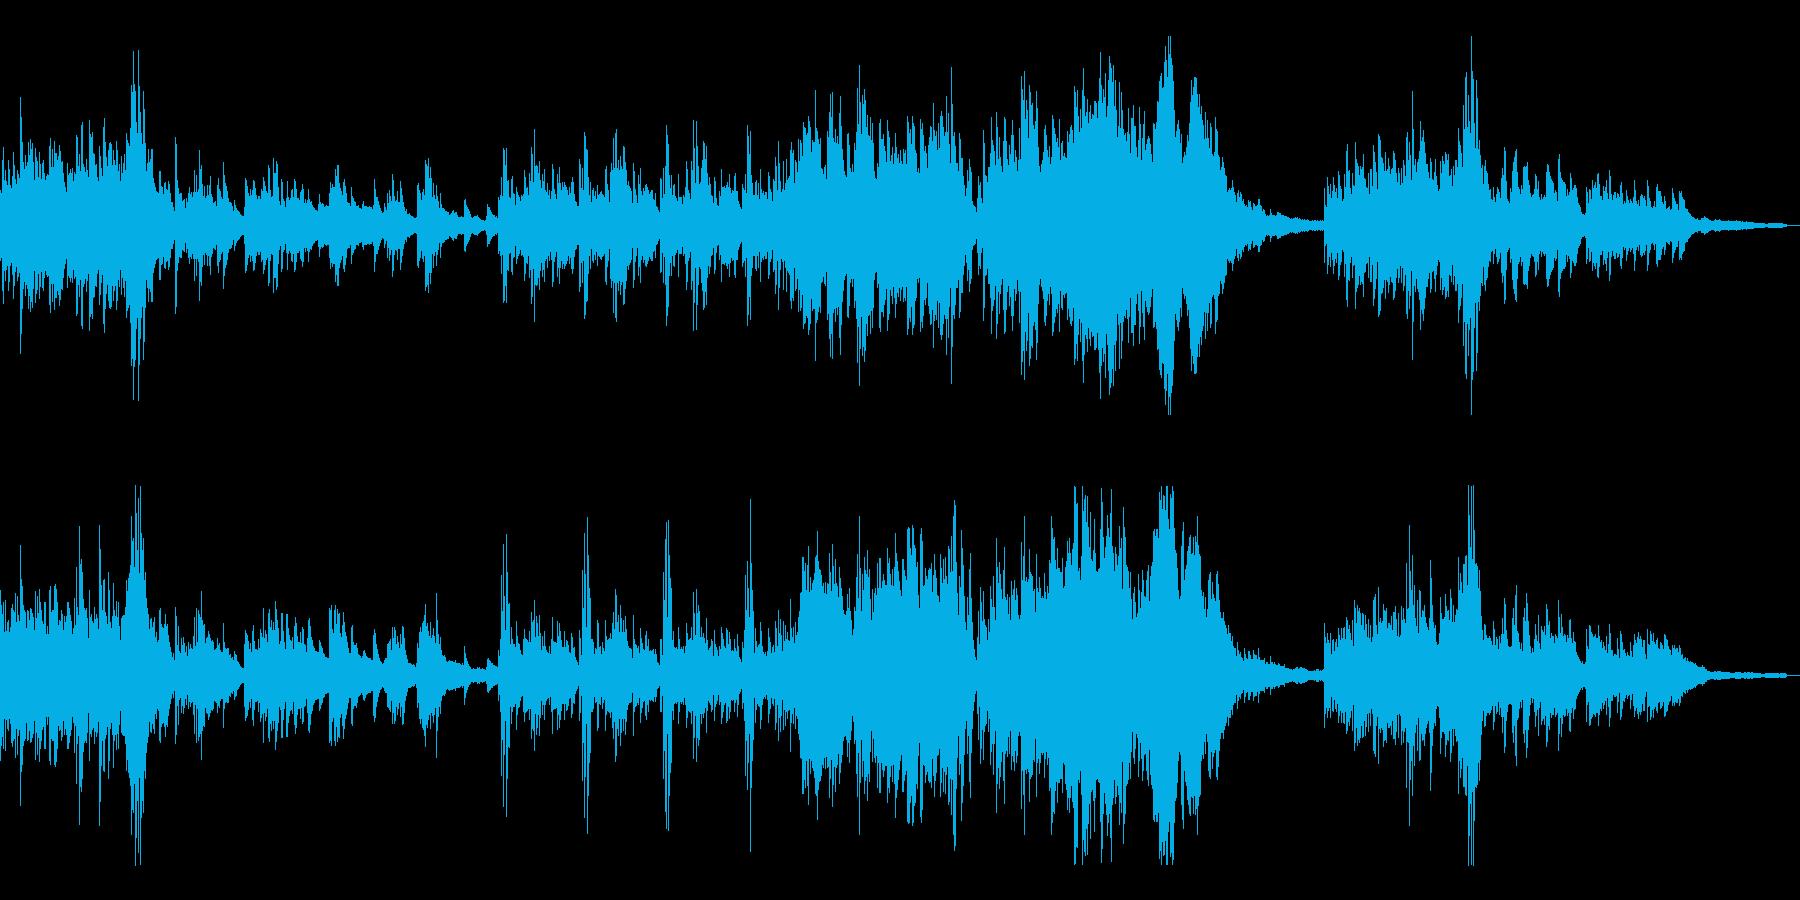 優雅で切ない伝統的な和風曲7-ピアノソロの再生済みの波形